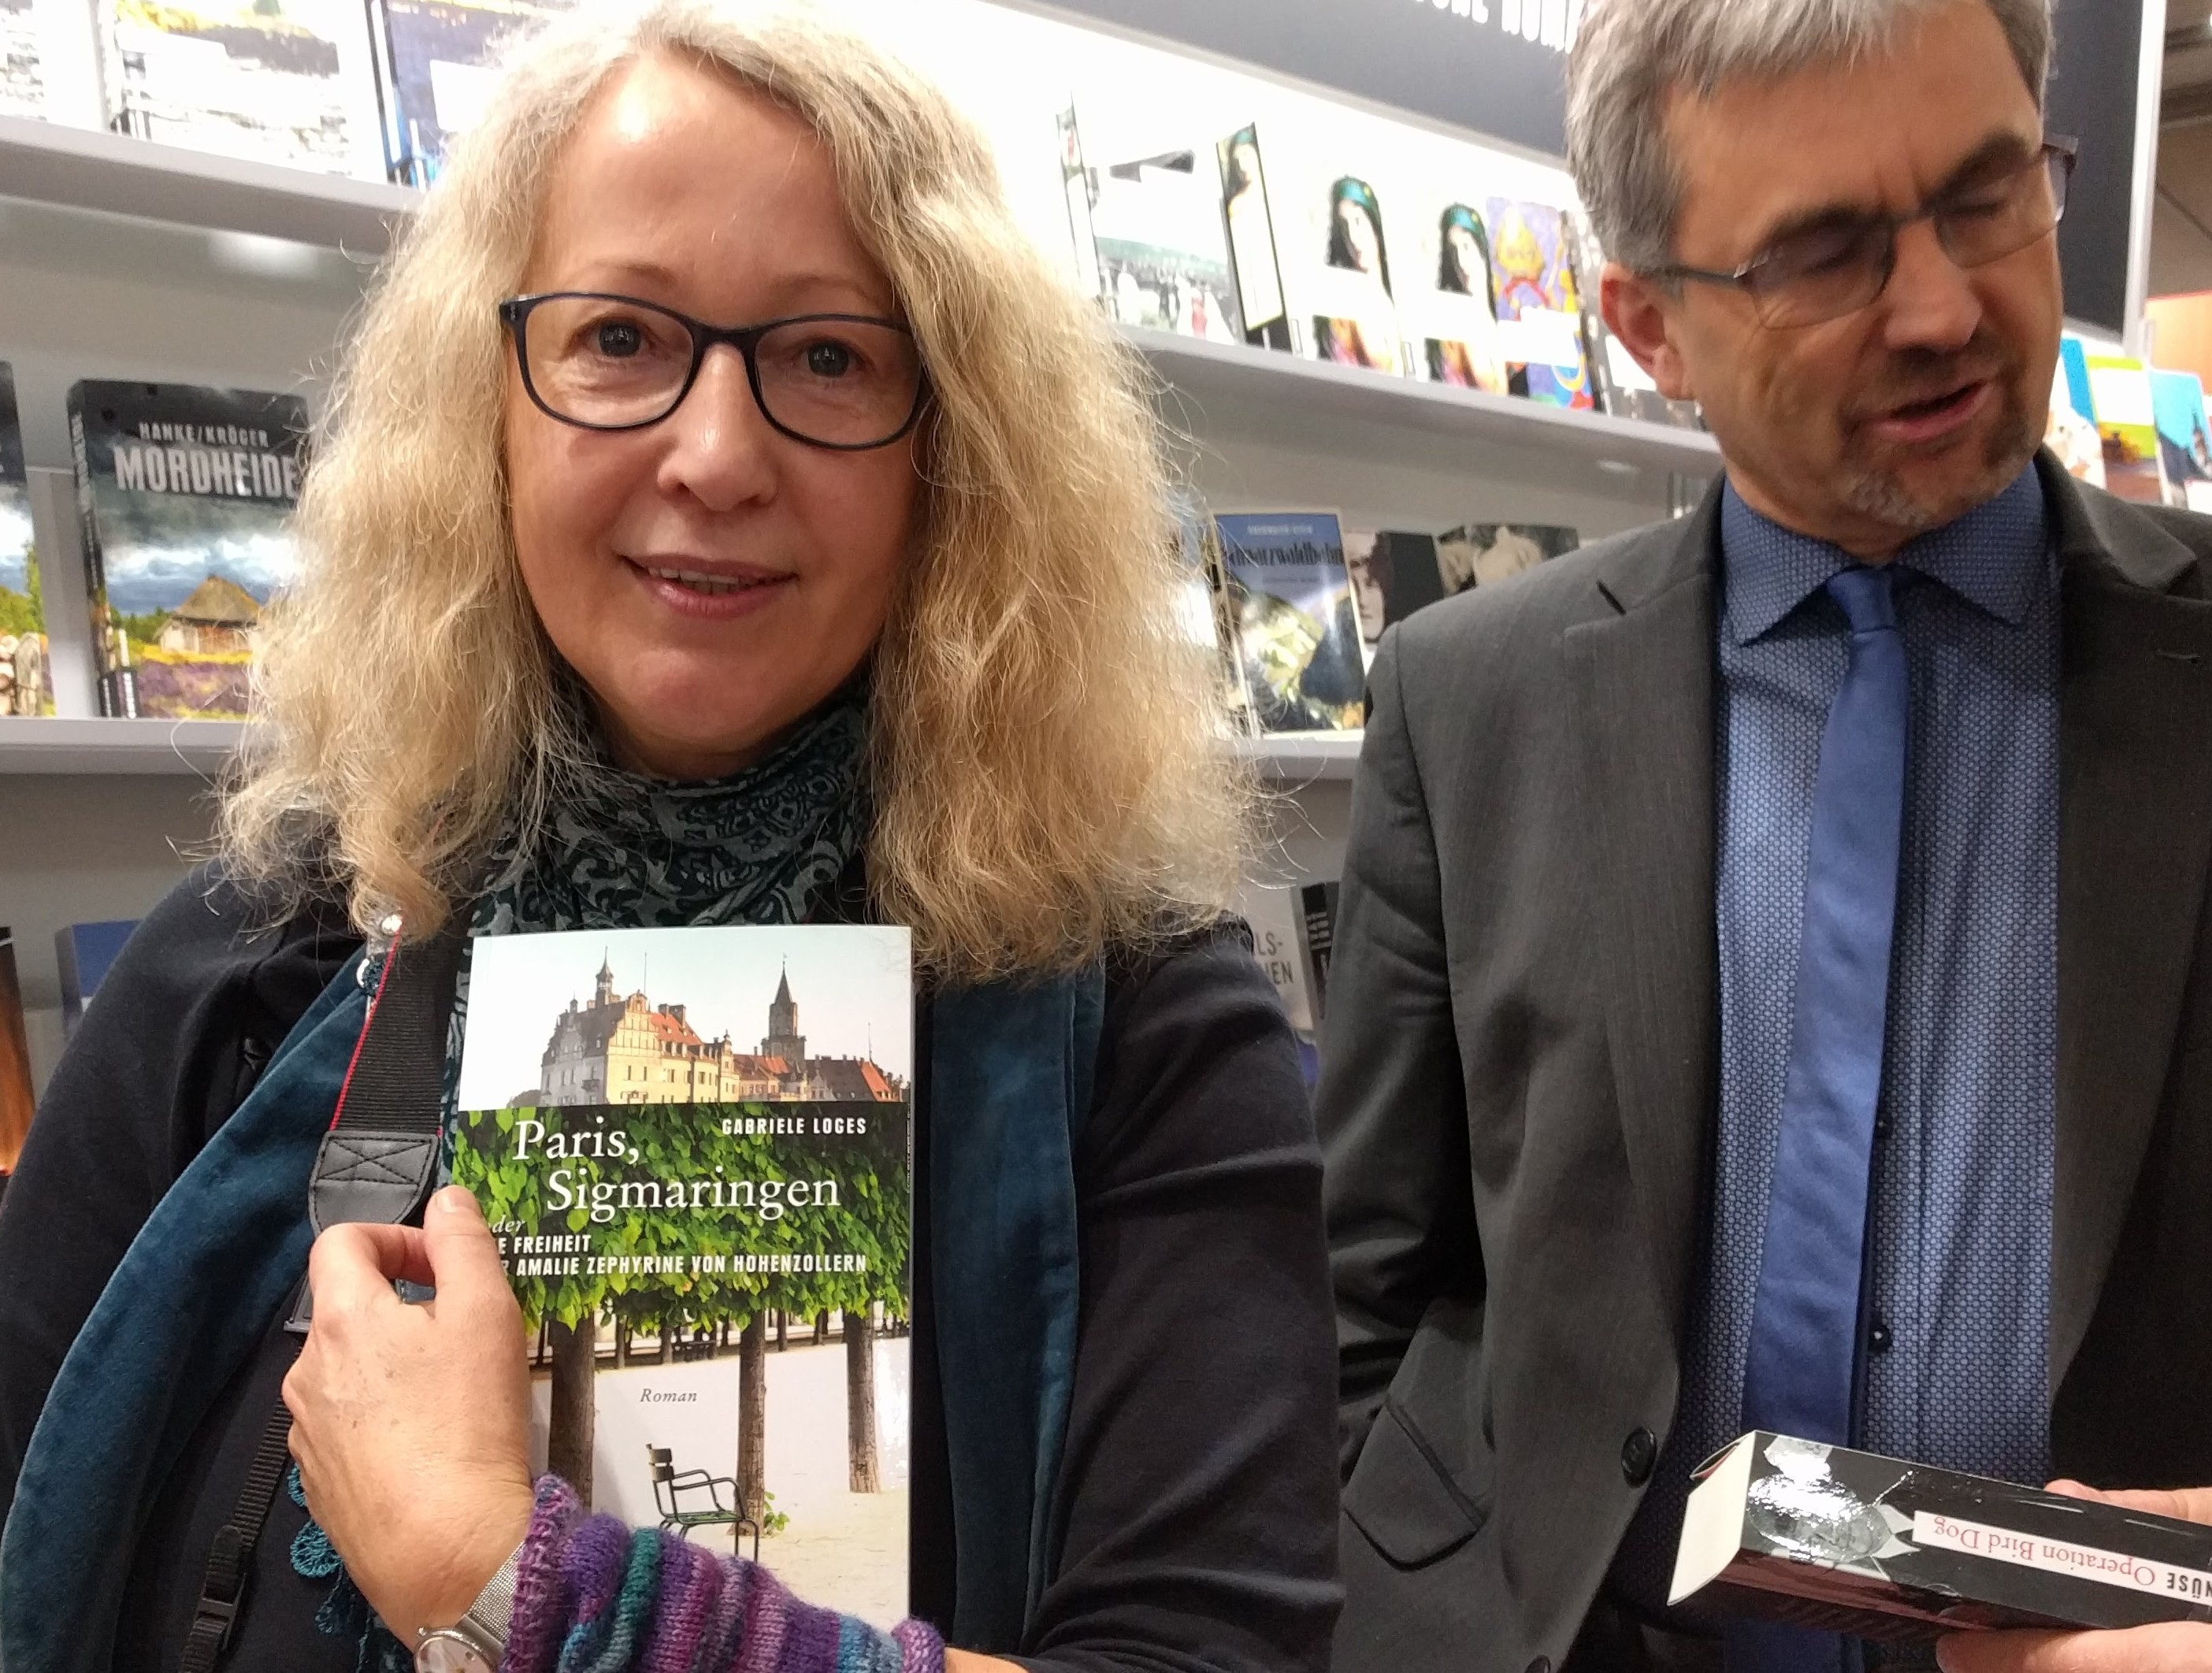 """©e_mager - Gabriele Loges mit: """"Paris, Sigmaringen"""" und Verleger Armin Gmeiner"""